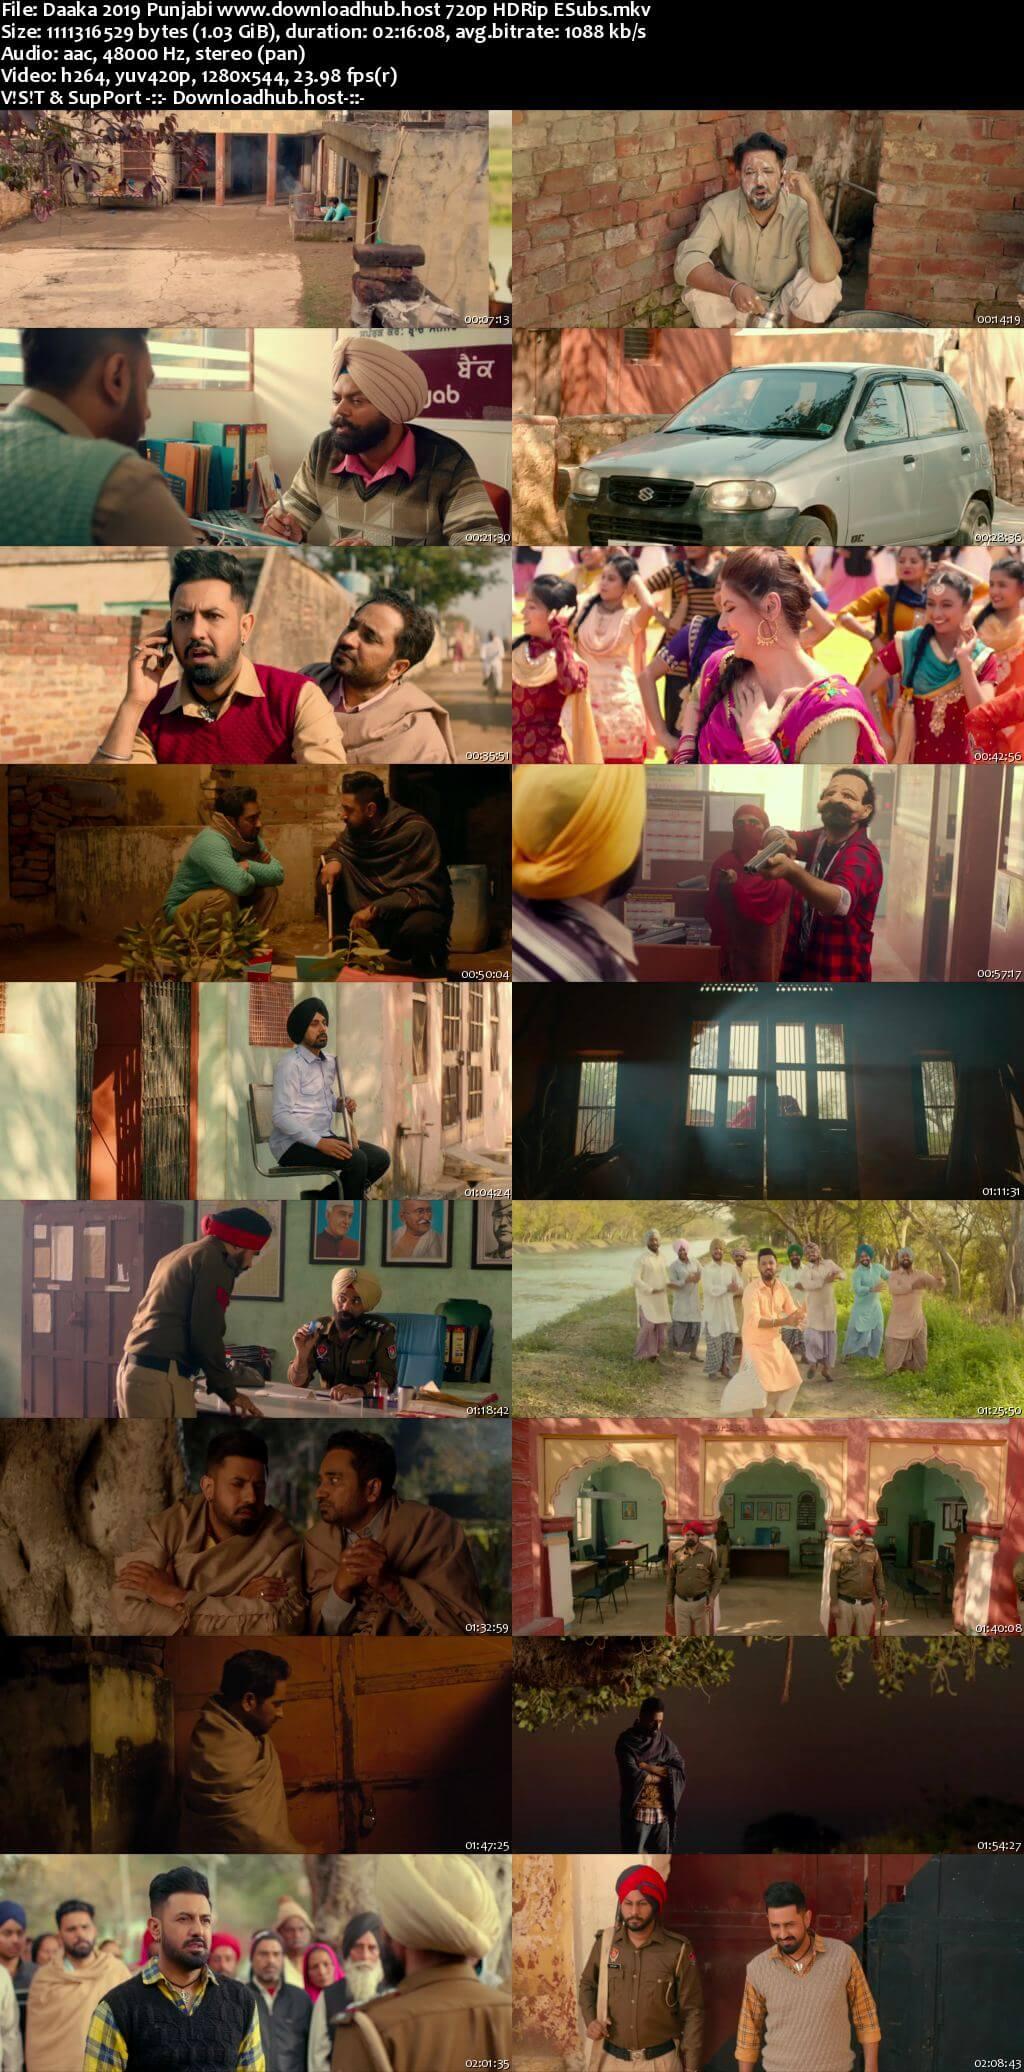 Daaka 2019 Punjabi 720p HDRip ESubs